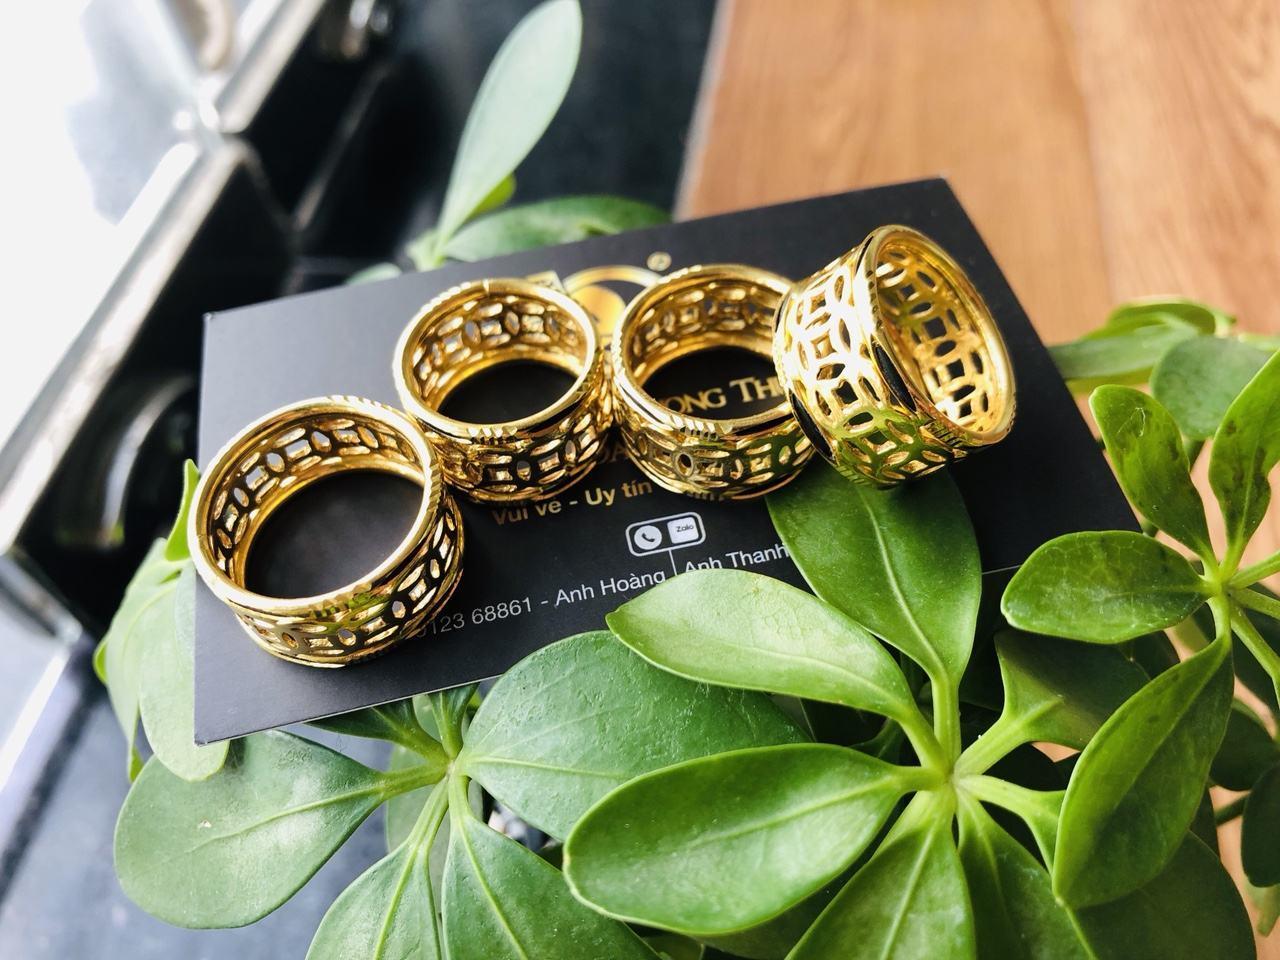 Nhẫn lông voi vàng 24k kim tiền Riogems may mắn